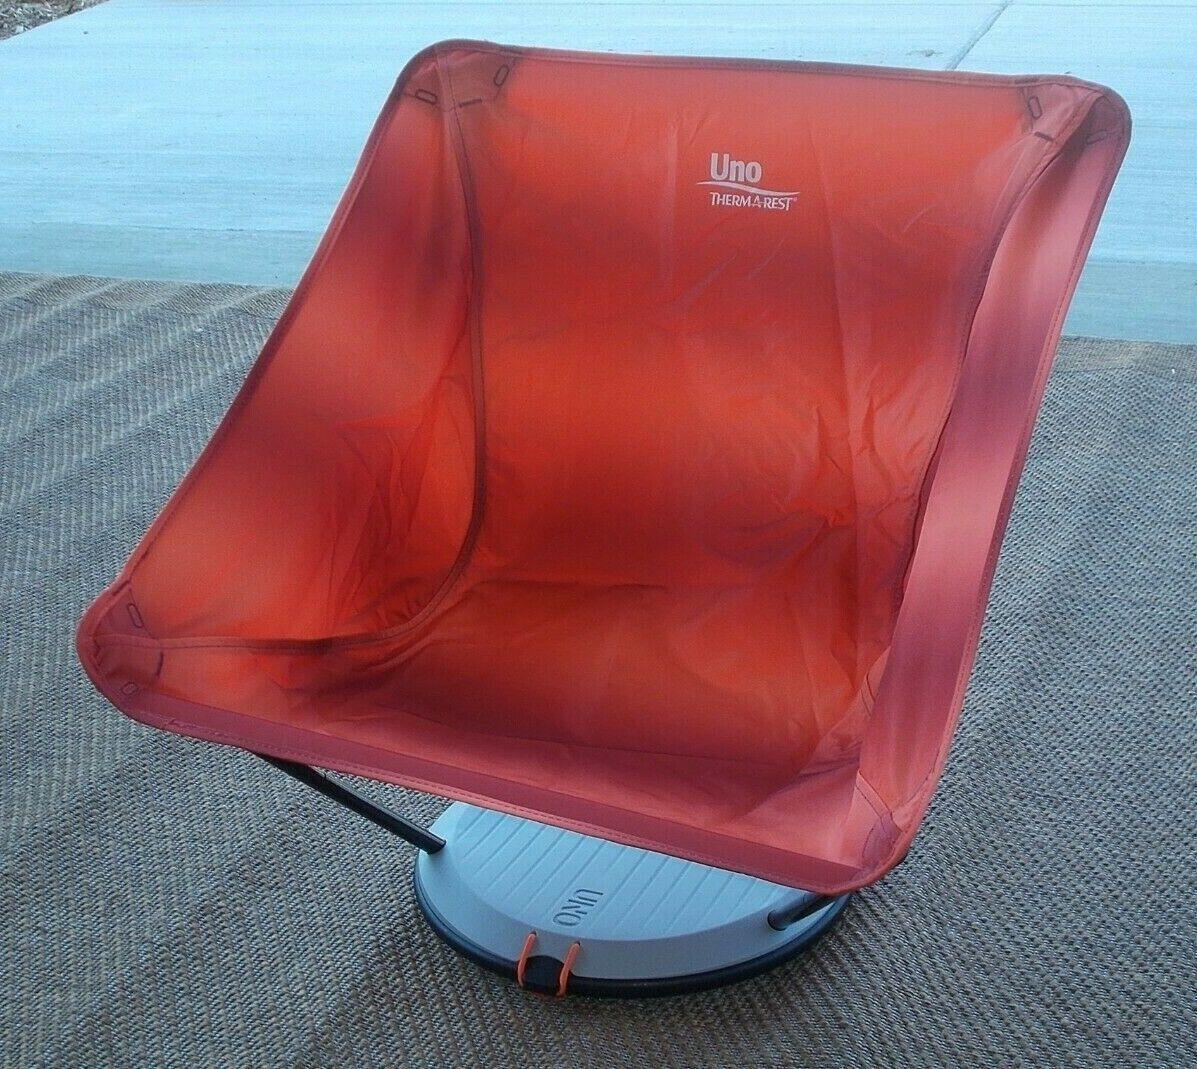 Therm-a-rest  uno silla en Ember  1  muchas concesiones